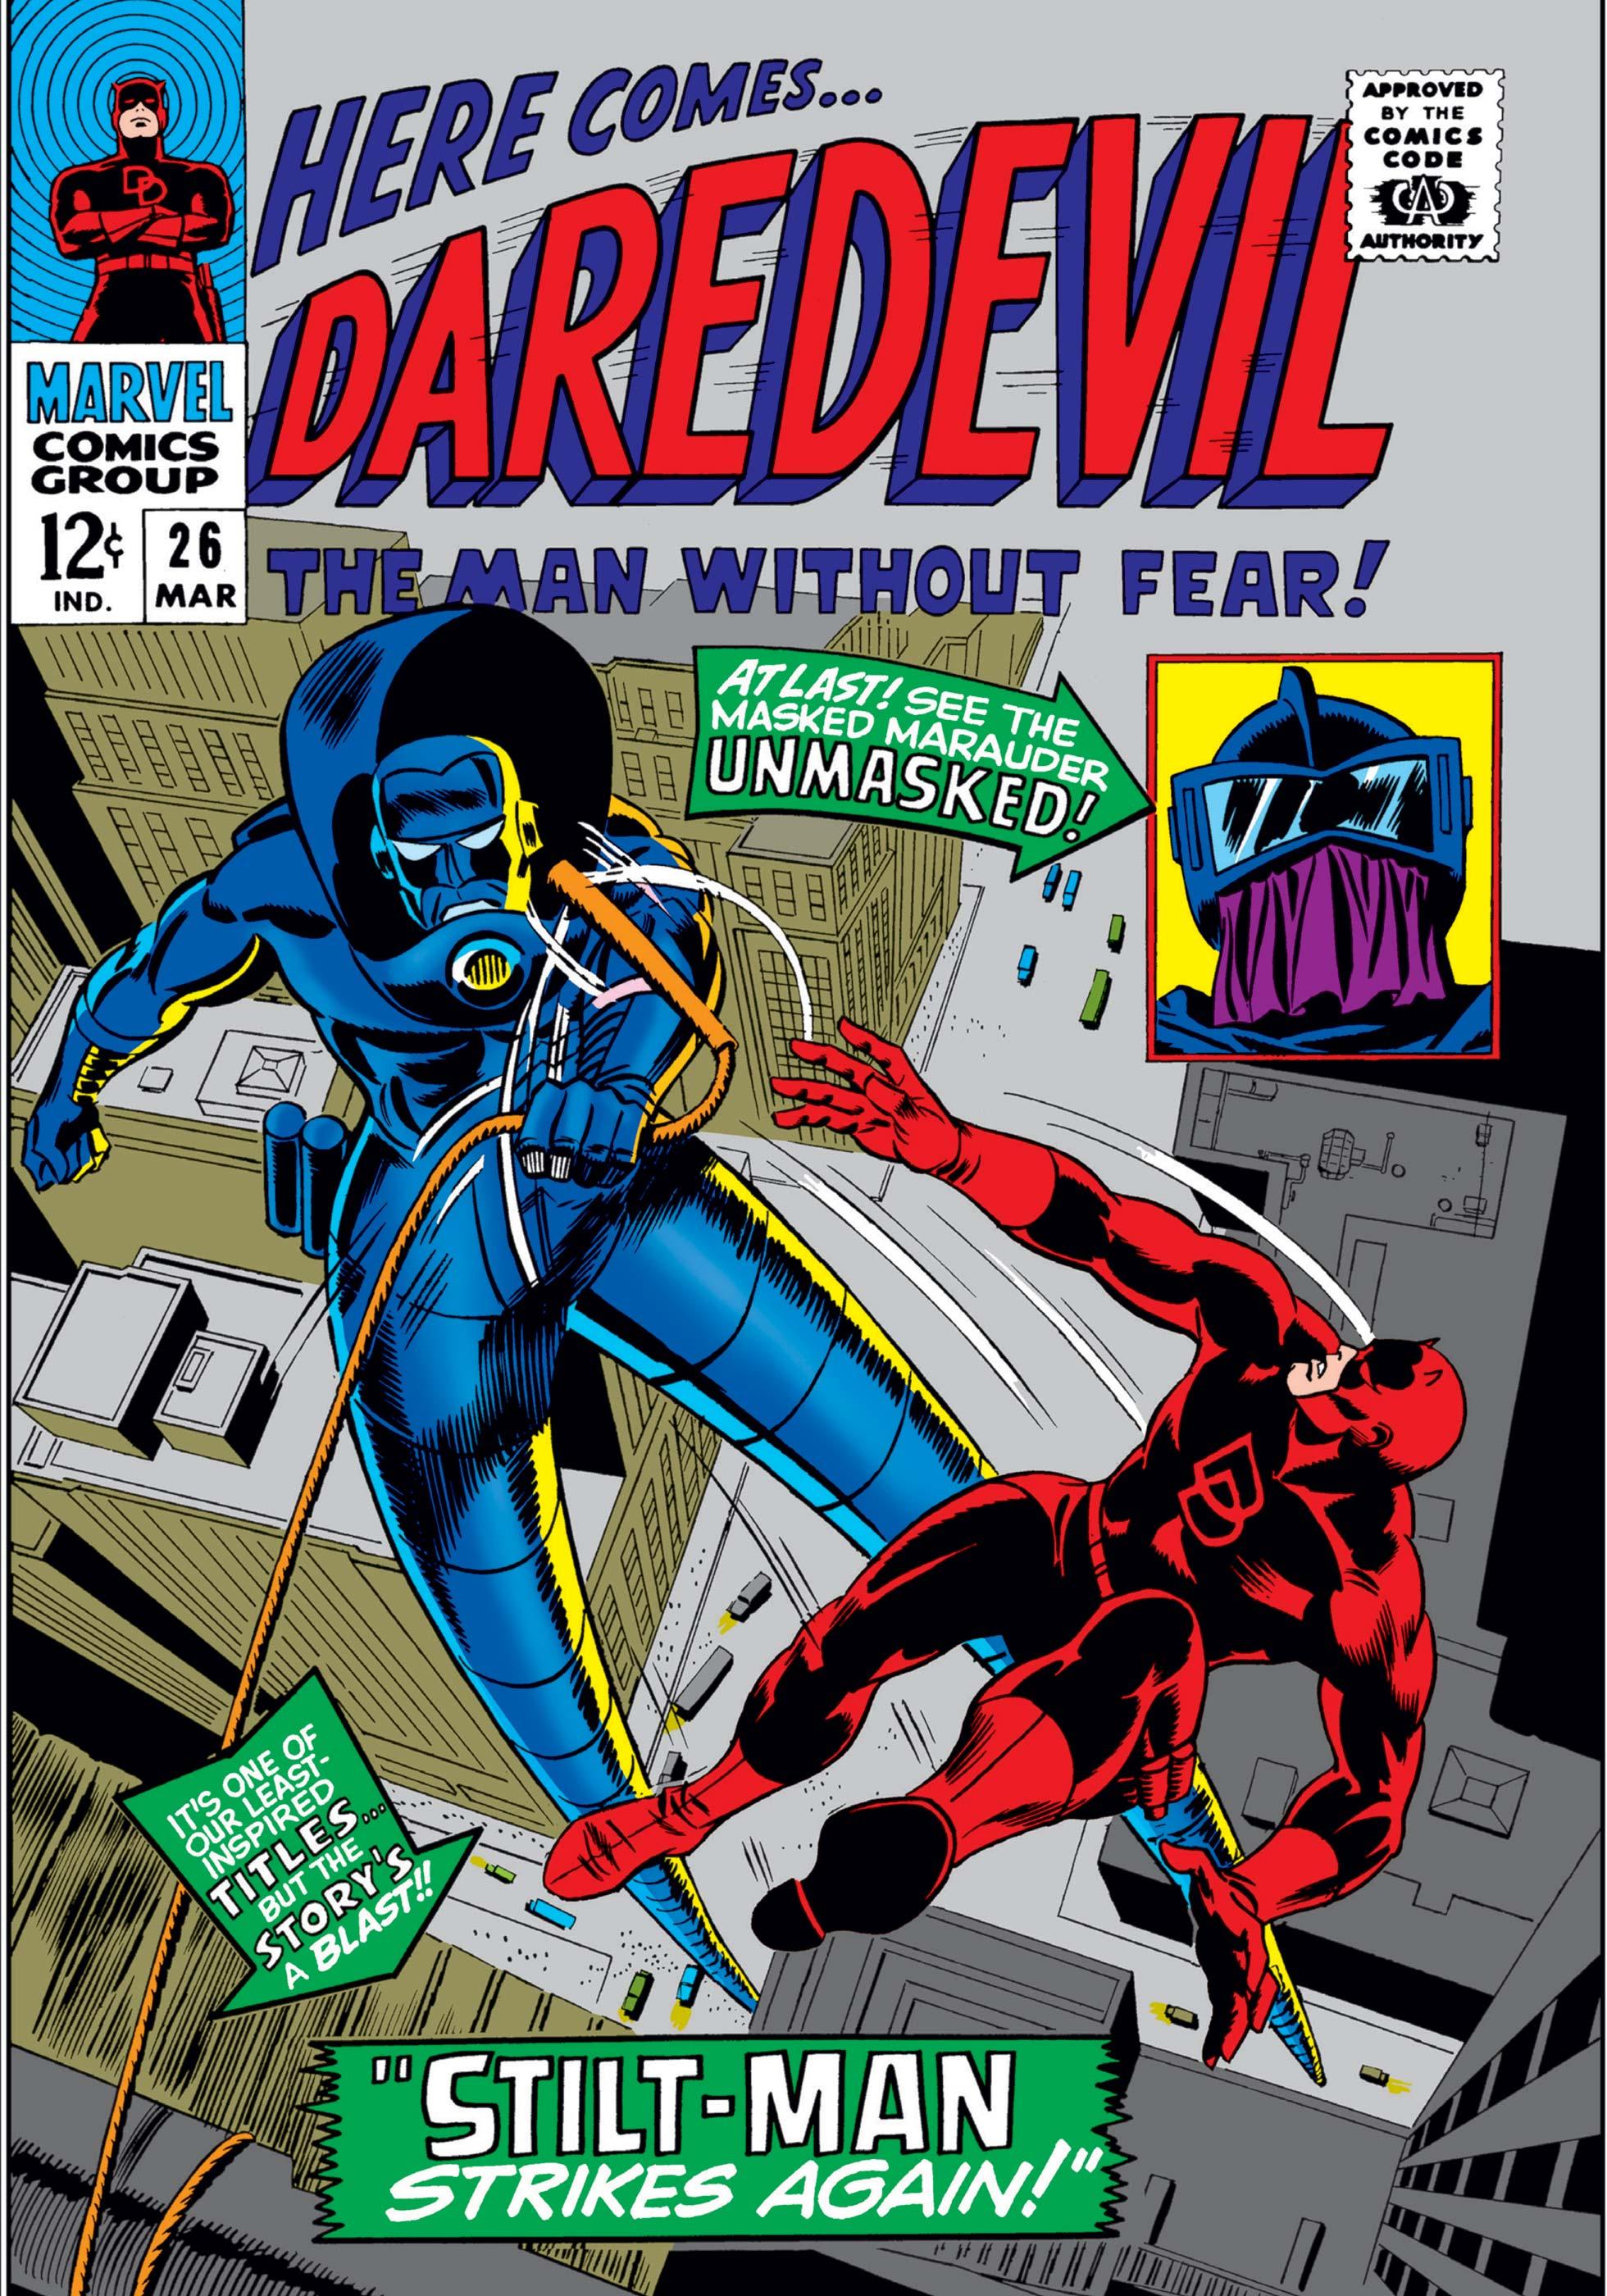 Daredevil (1964) #26